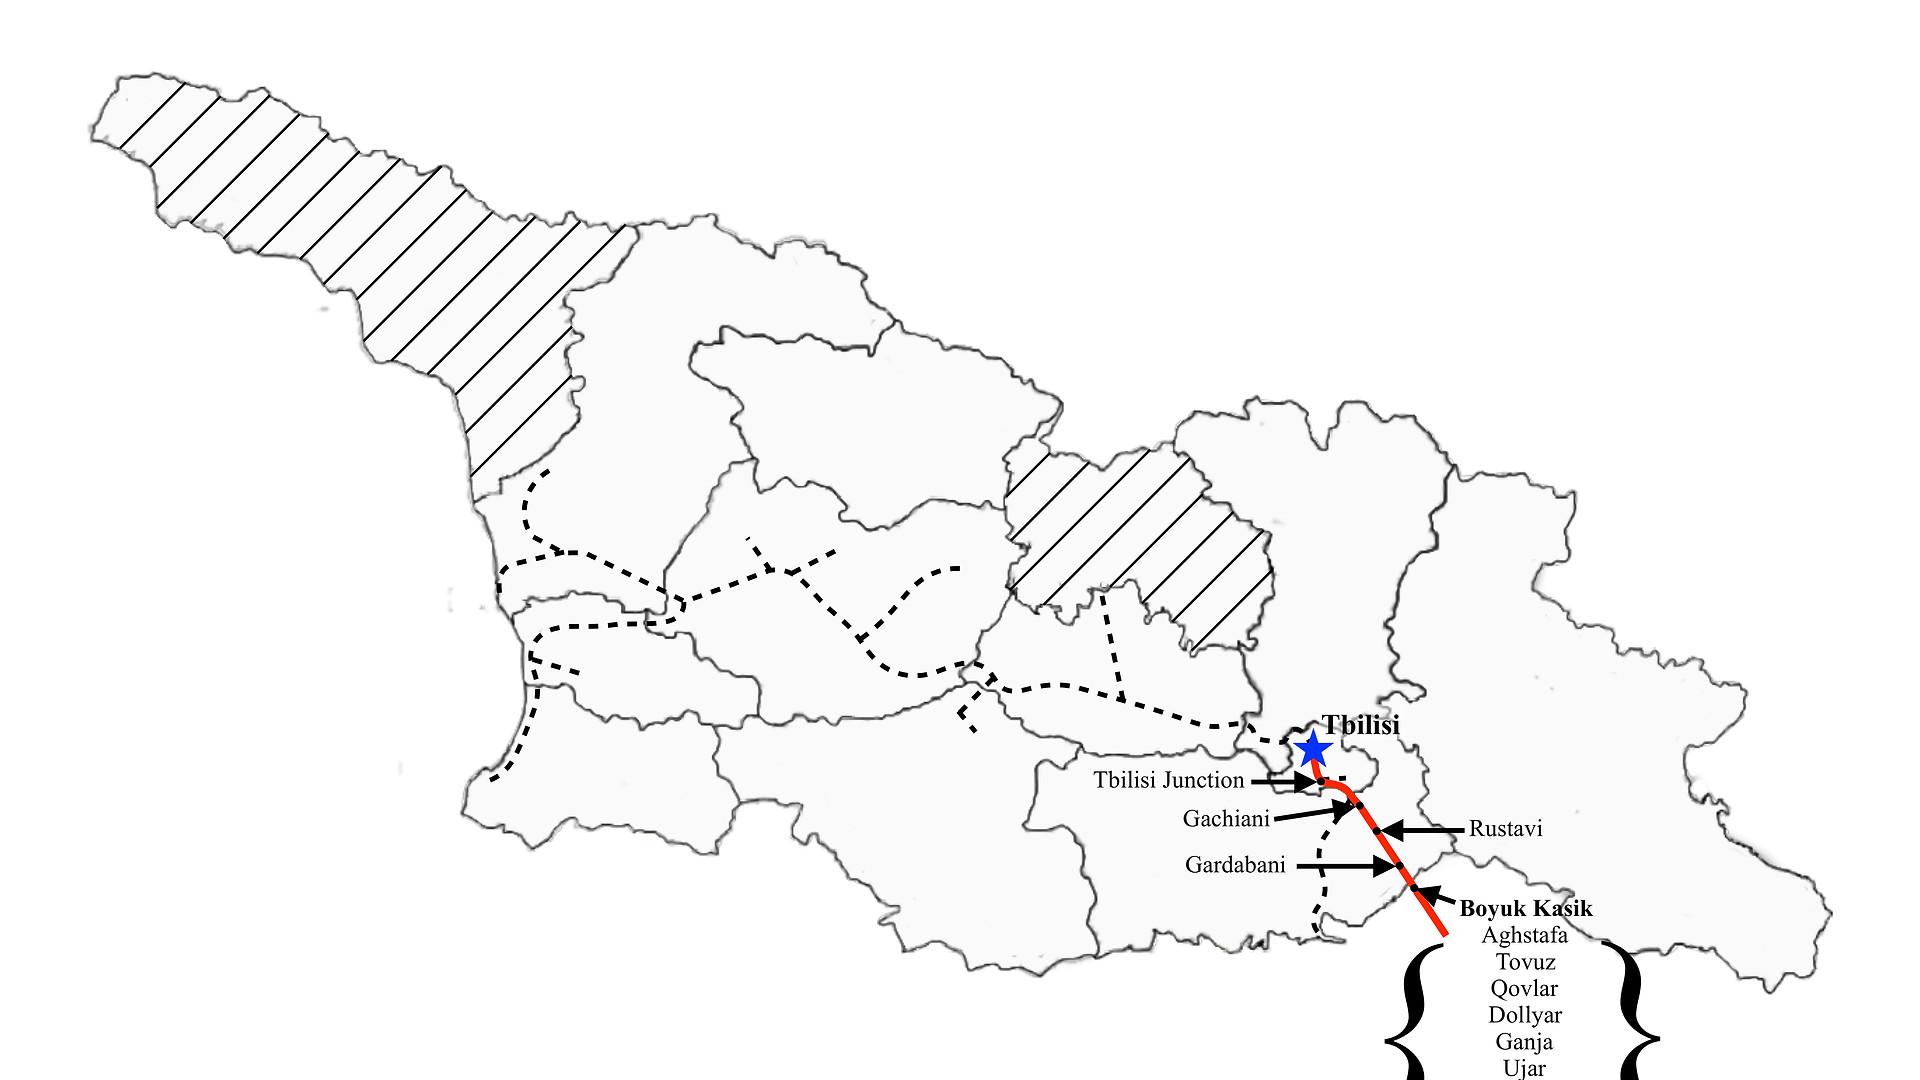 Tbilisi to Baku